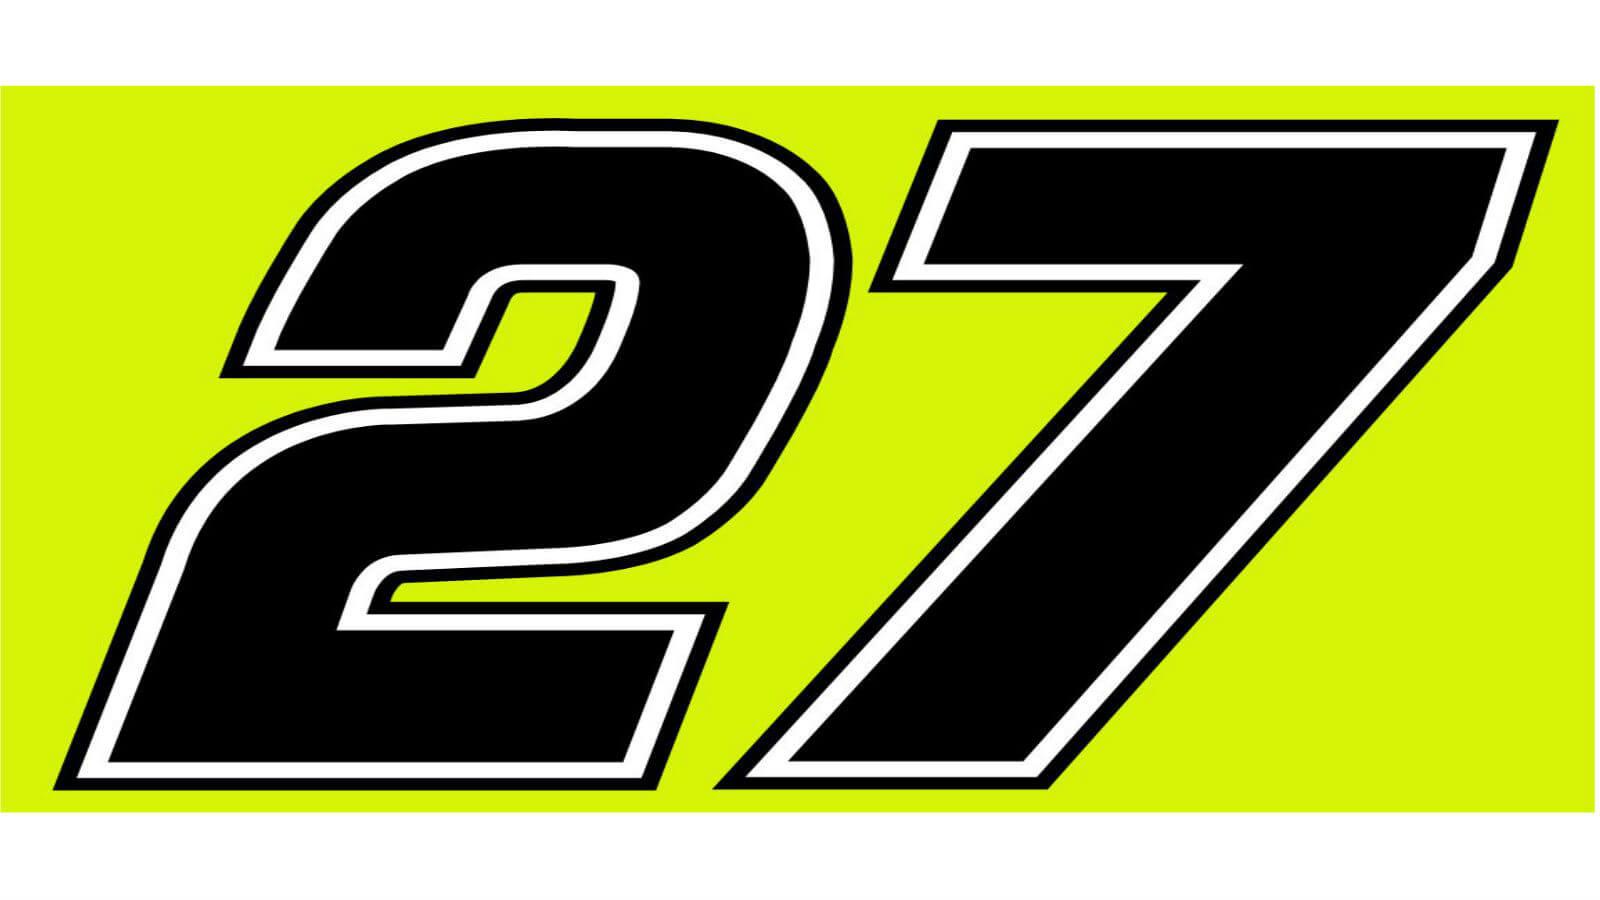 Стратегия 27 экспрессов